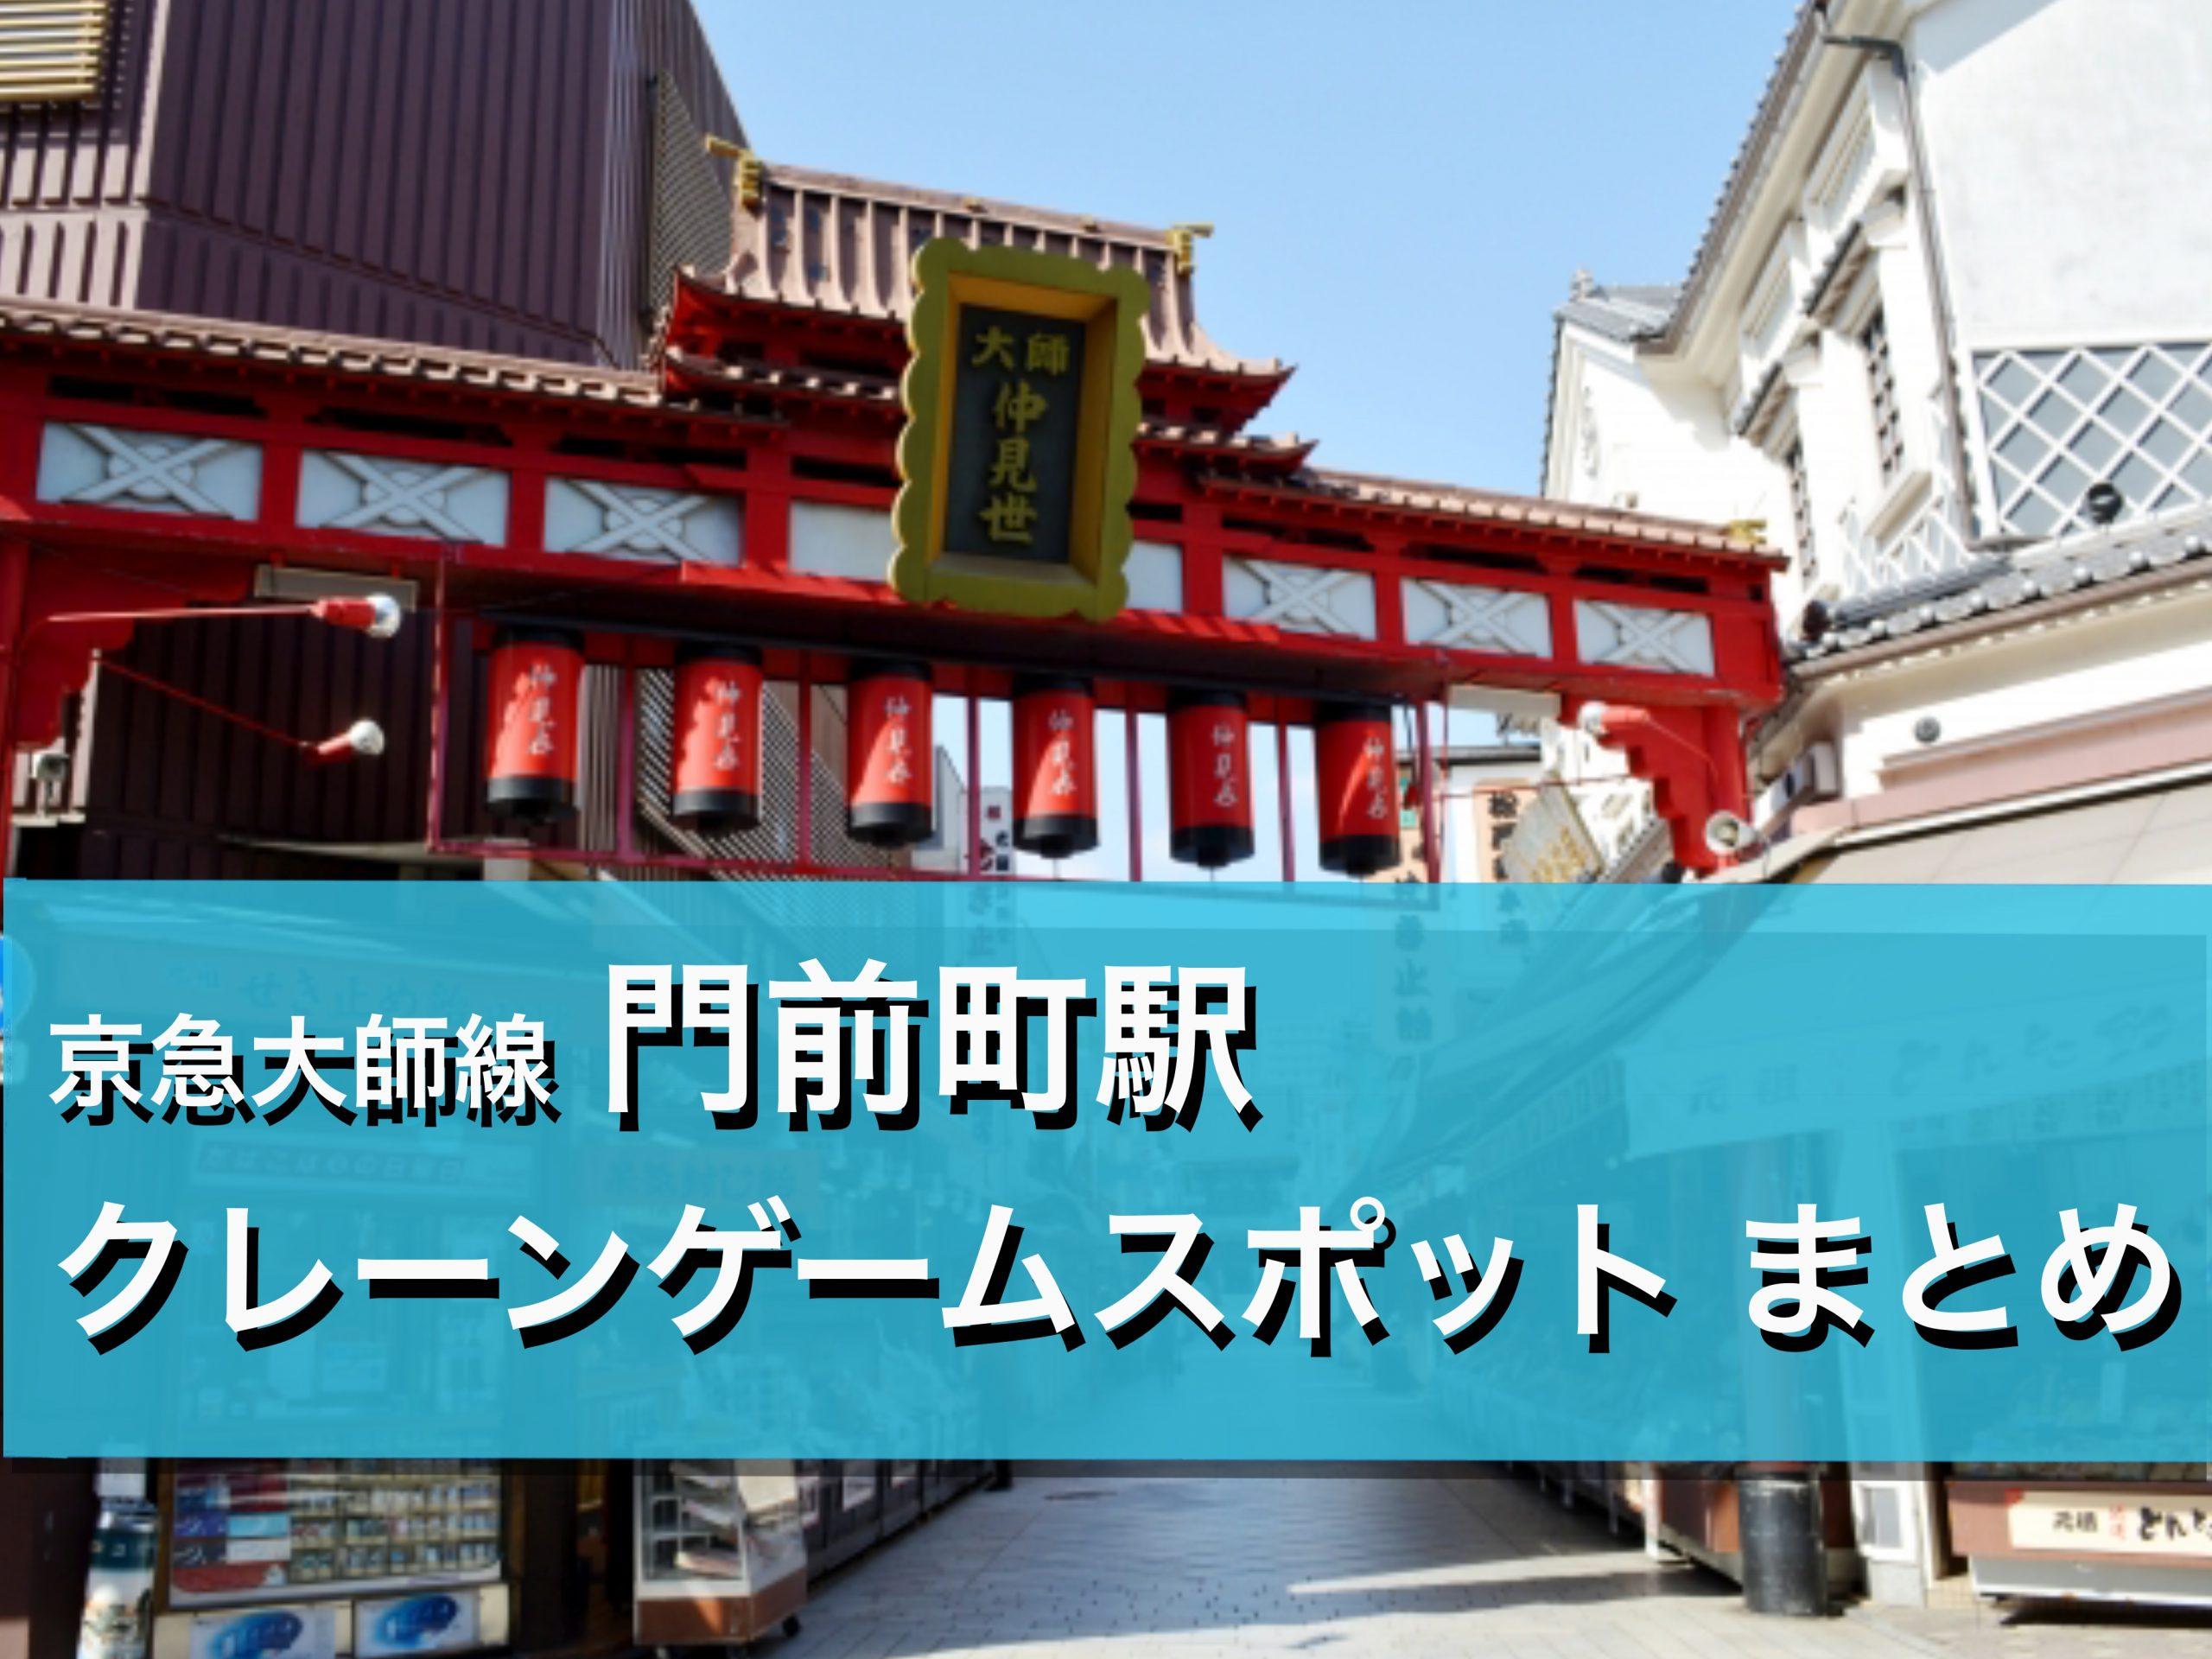 【東門前駅】クレーンゲームができる場所